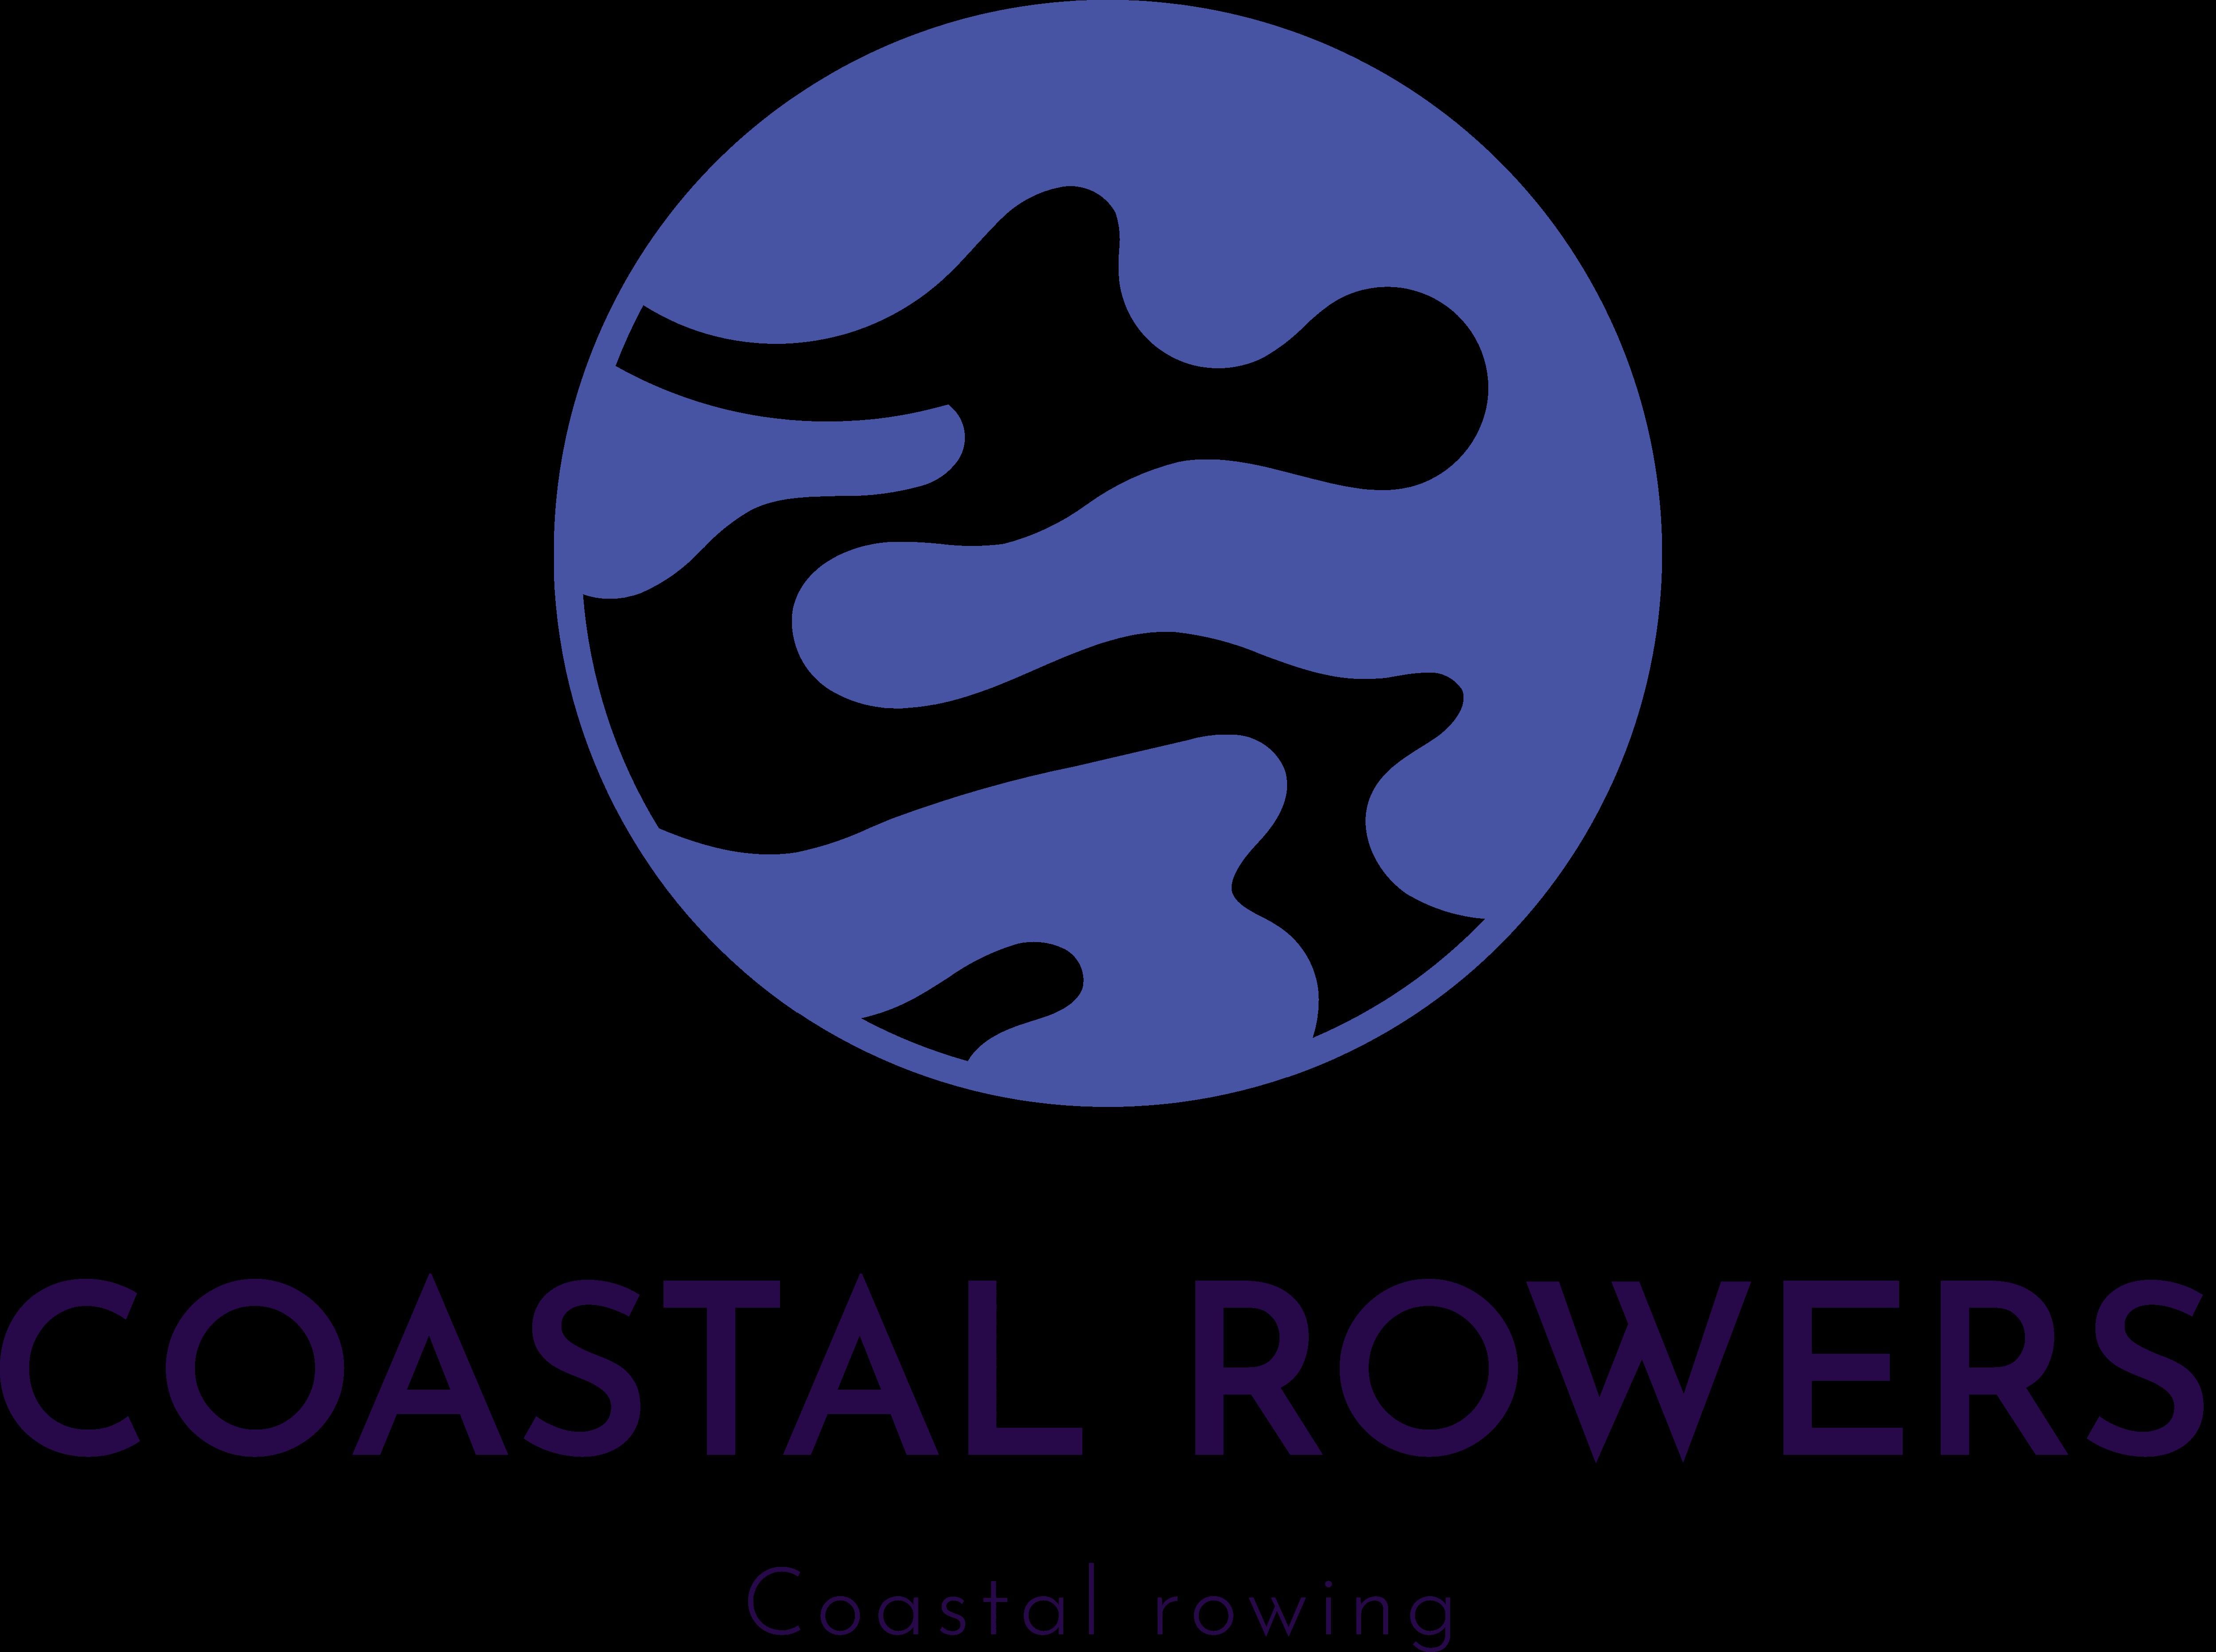 Coastal Rowers